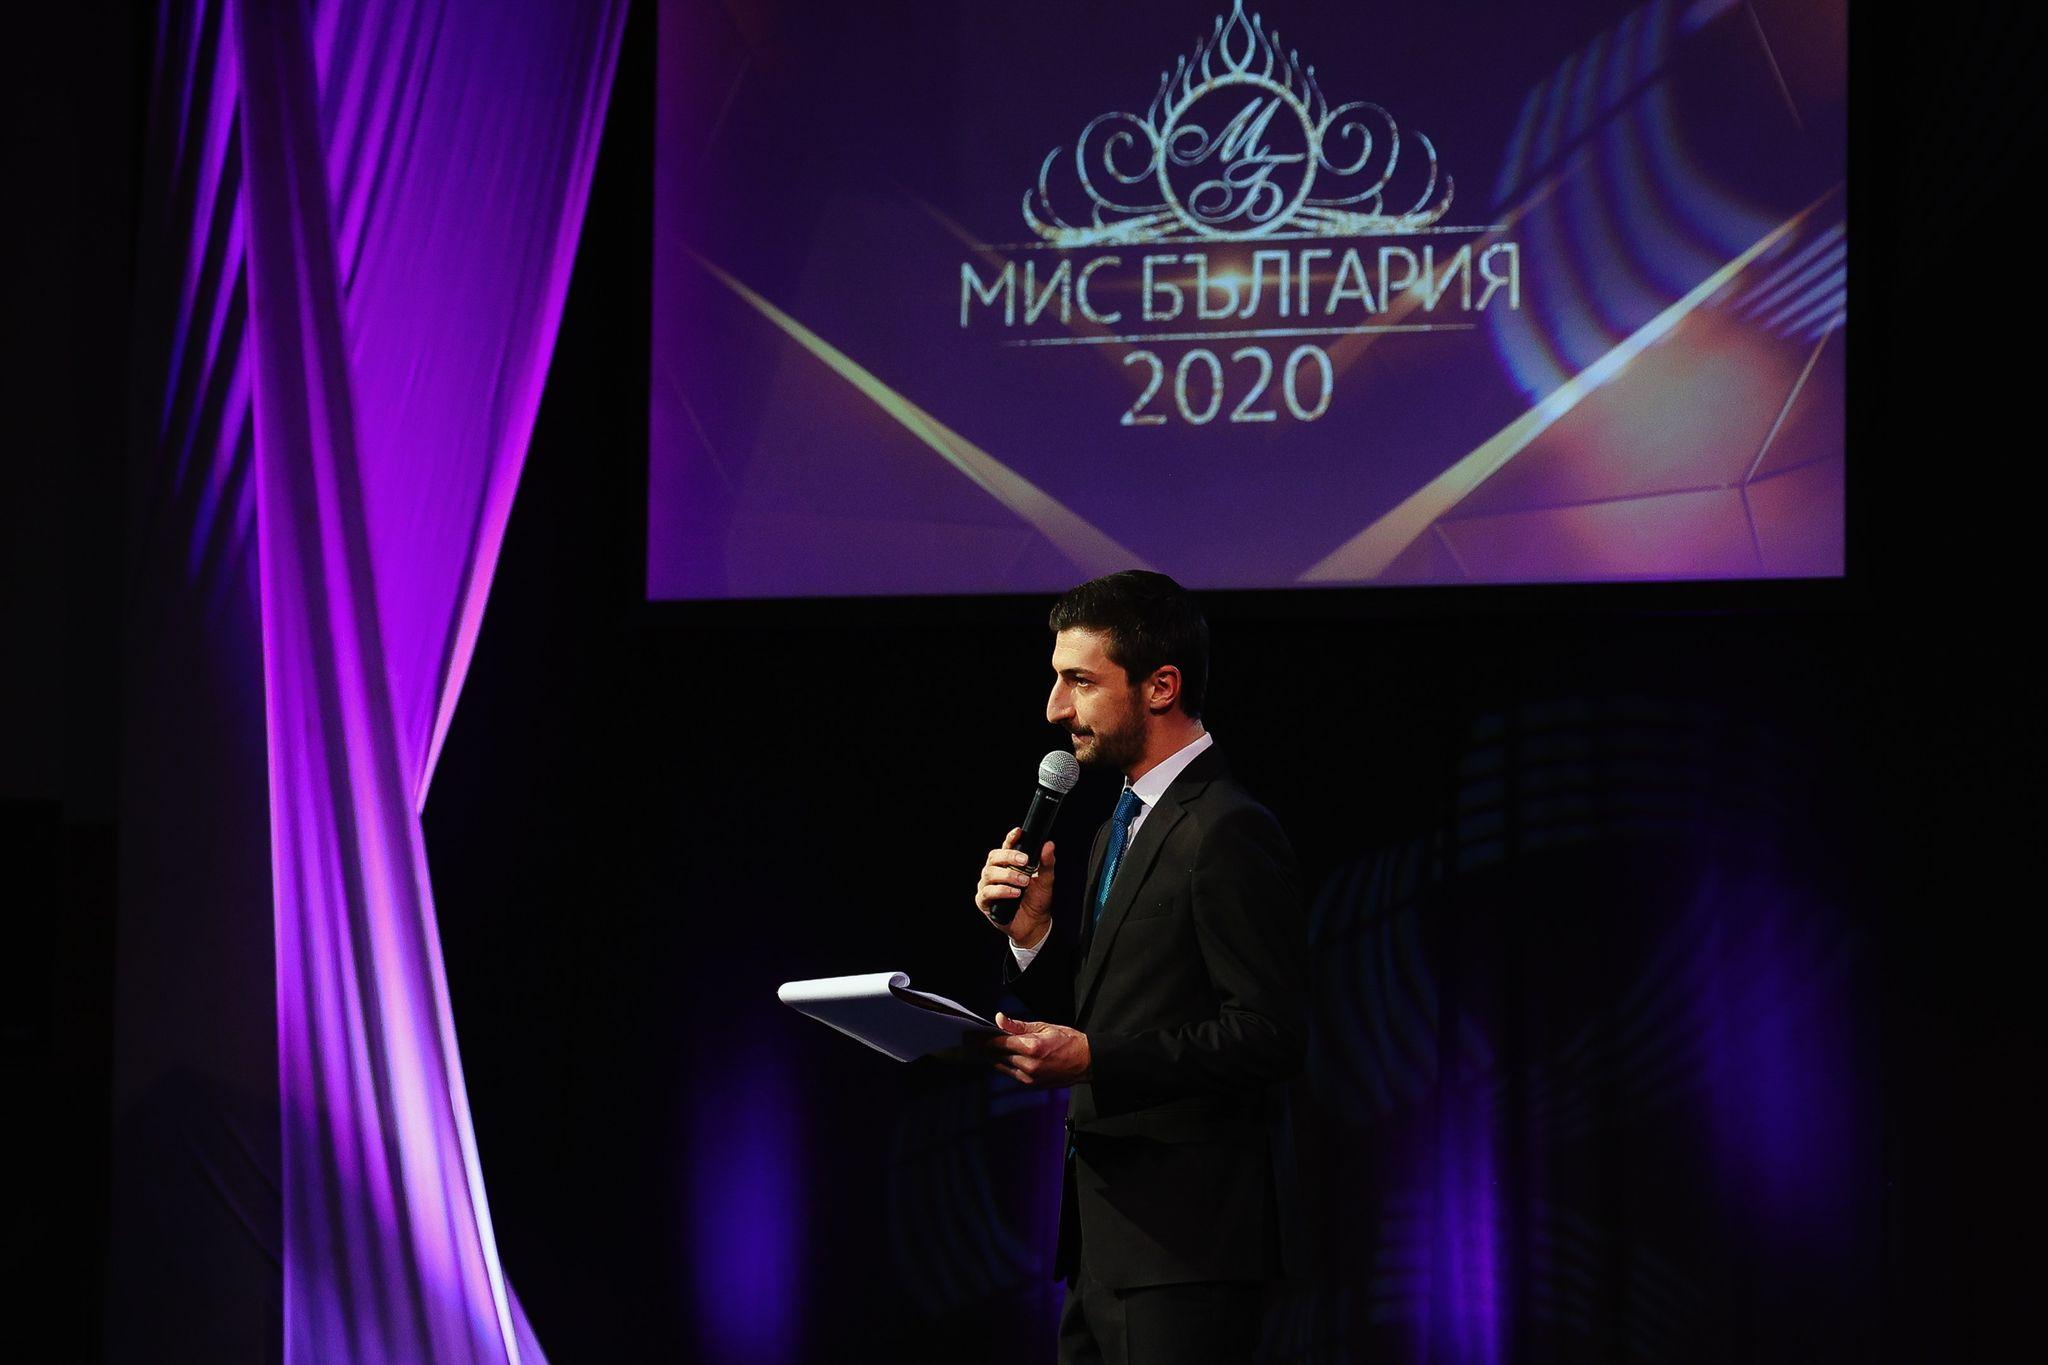 Теодор Тодоров – тео, водещ на Мис България 2020